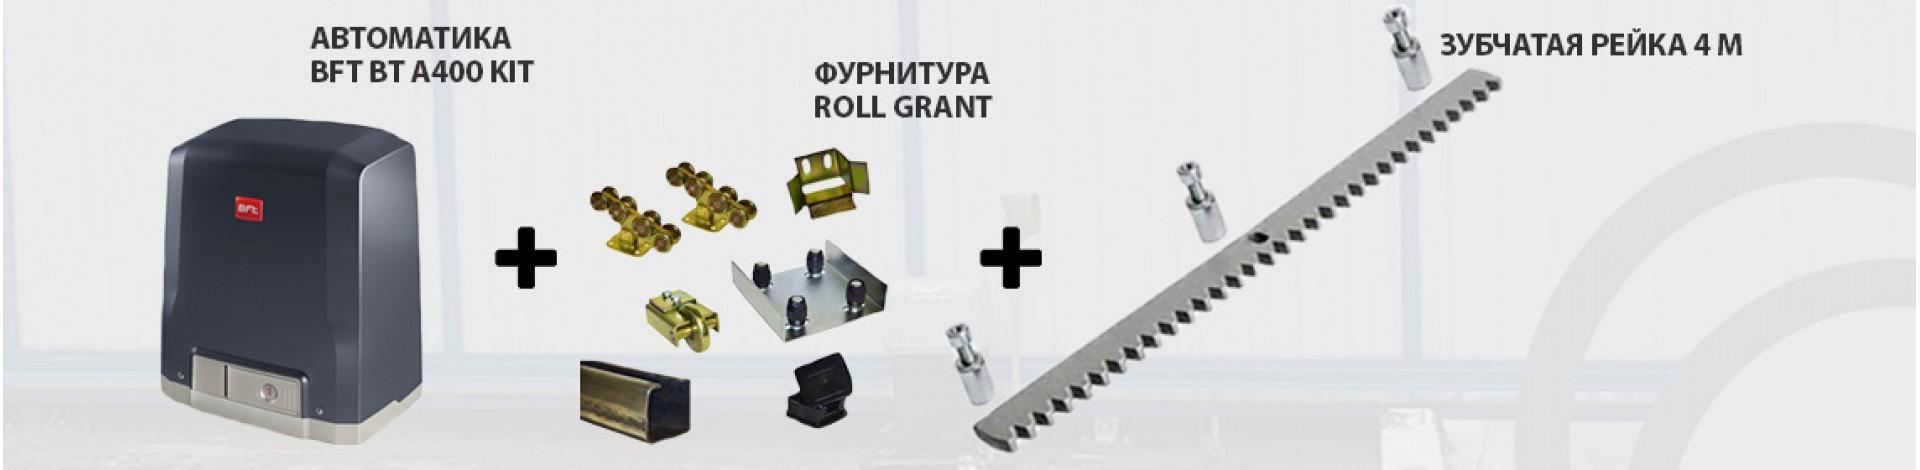 Готовый комплект для откатных ворот за 8500 грн